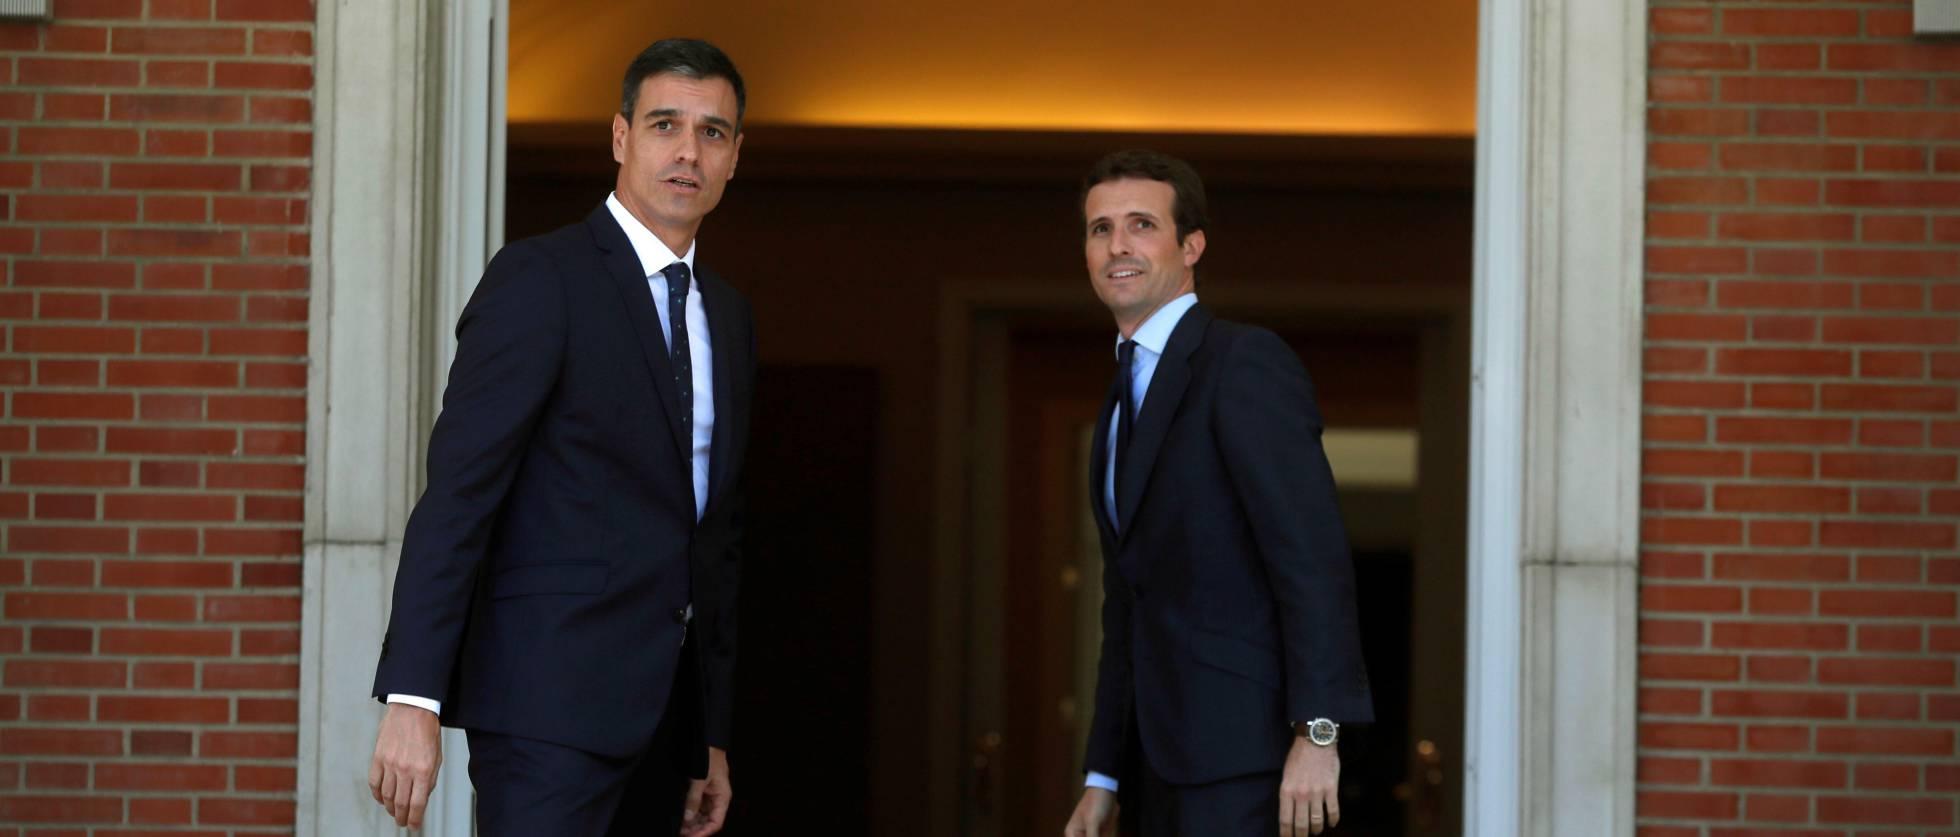 Первые предвыборные обещания: Санчес делает ставку на социальные меры, Касадо – на снижение налогов